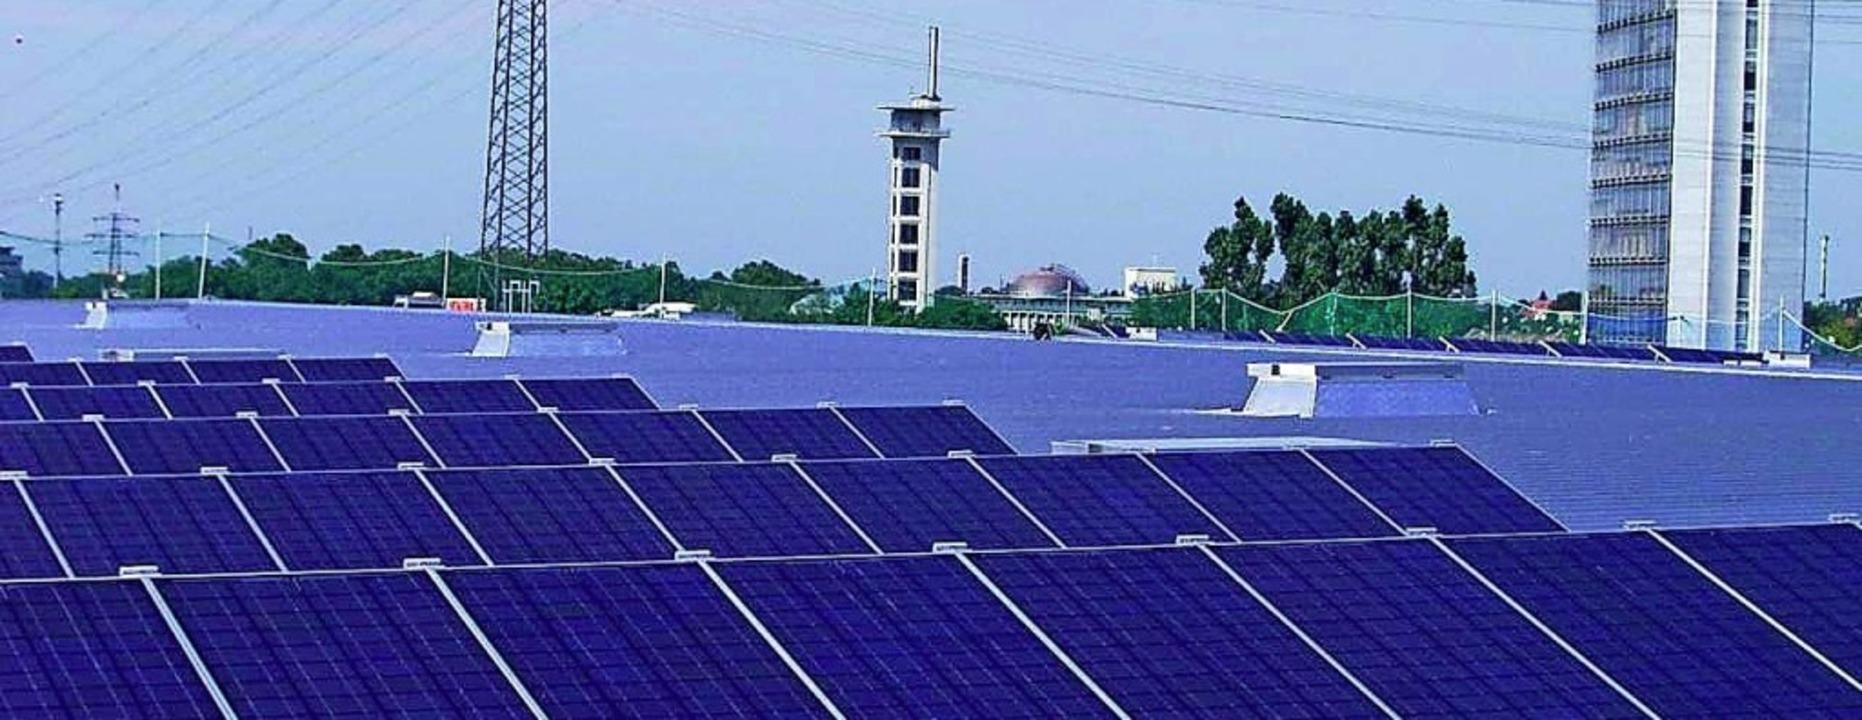 Geht es nach der Klimaschutzmanagerin,...tovoltaik eine größere Rolle spielen.     Foto: helmut seller